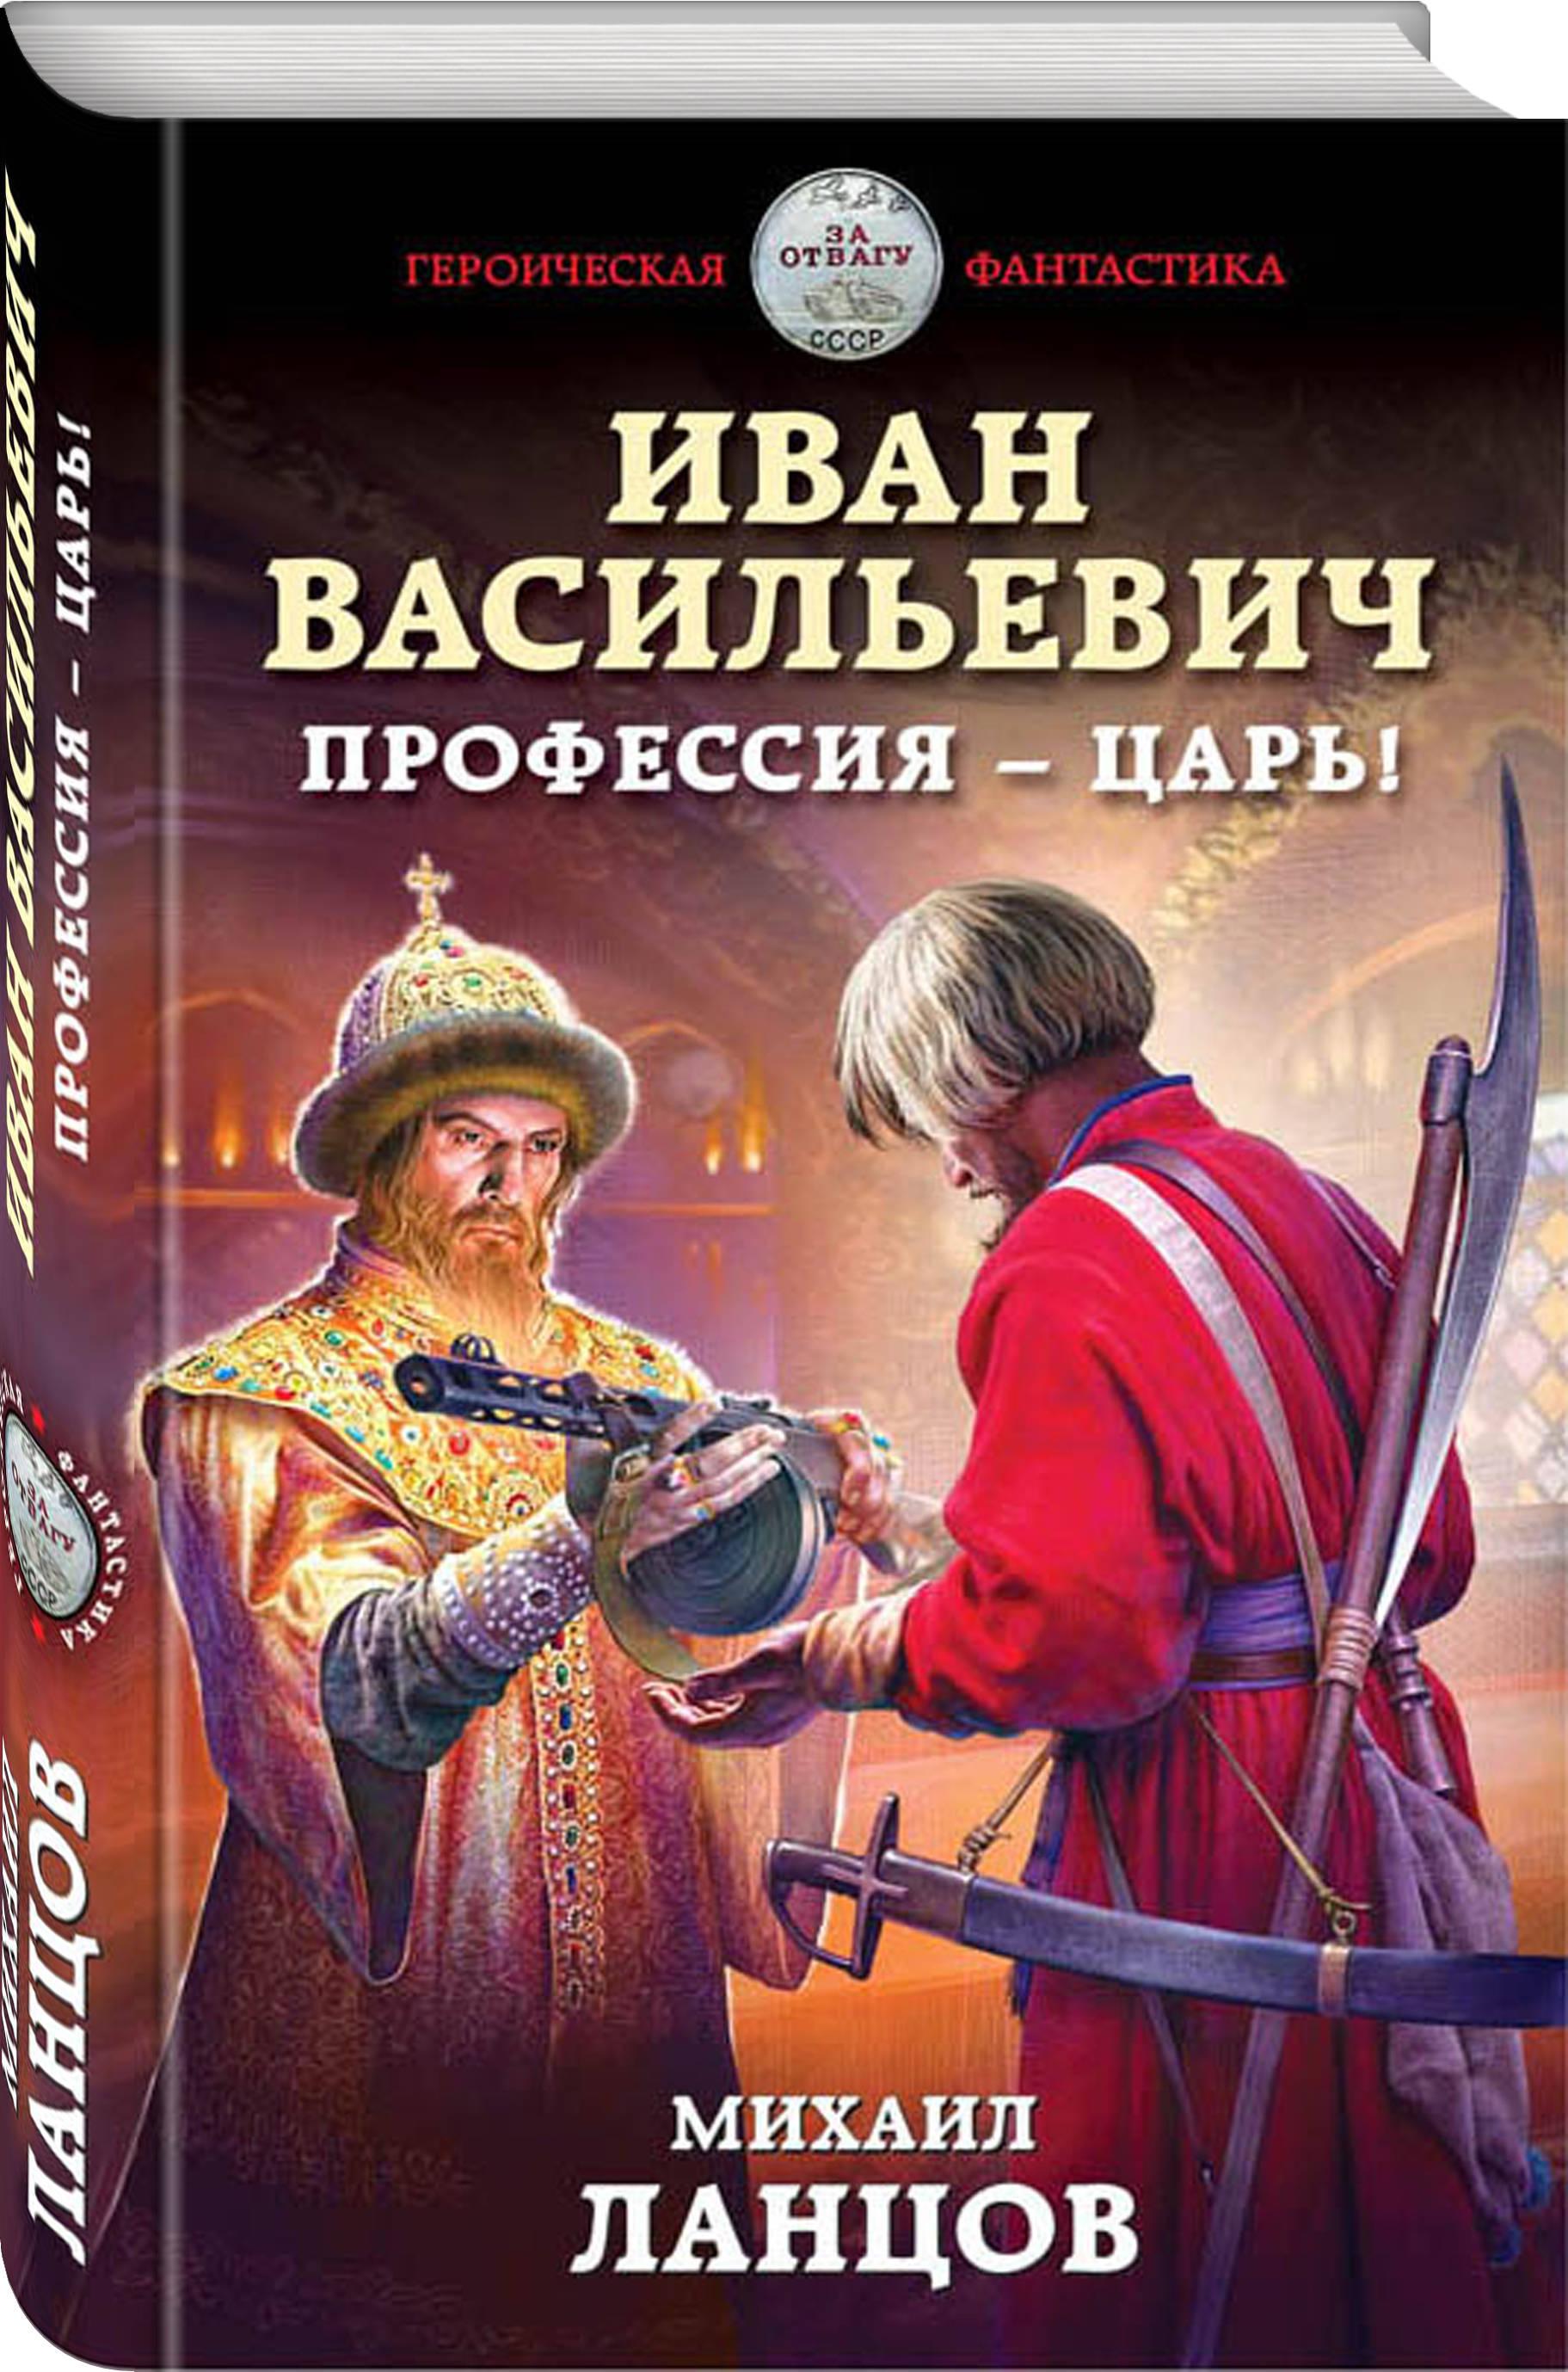 Михаил Ланцов Иван Васильевич. Профессия – царь!